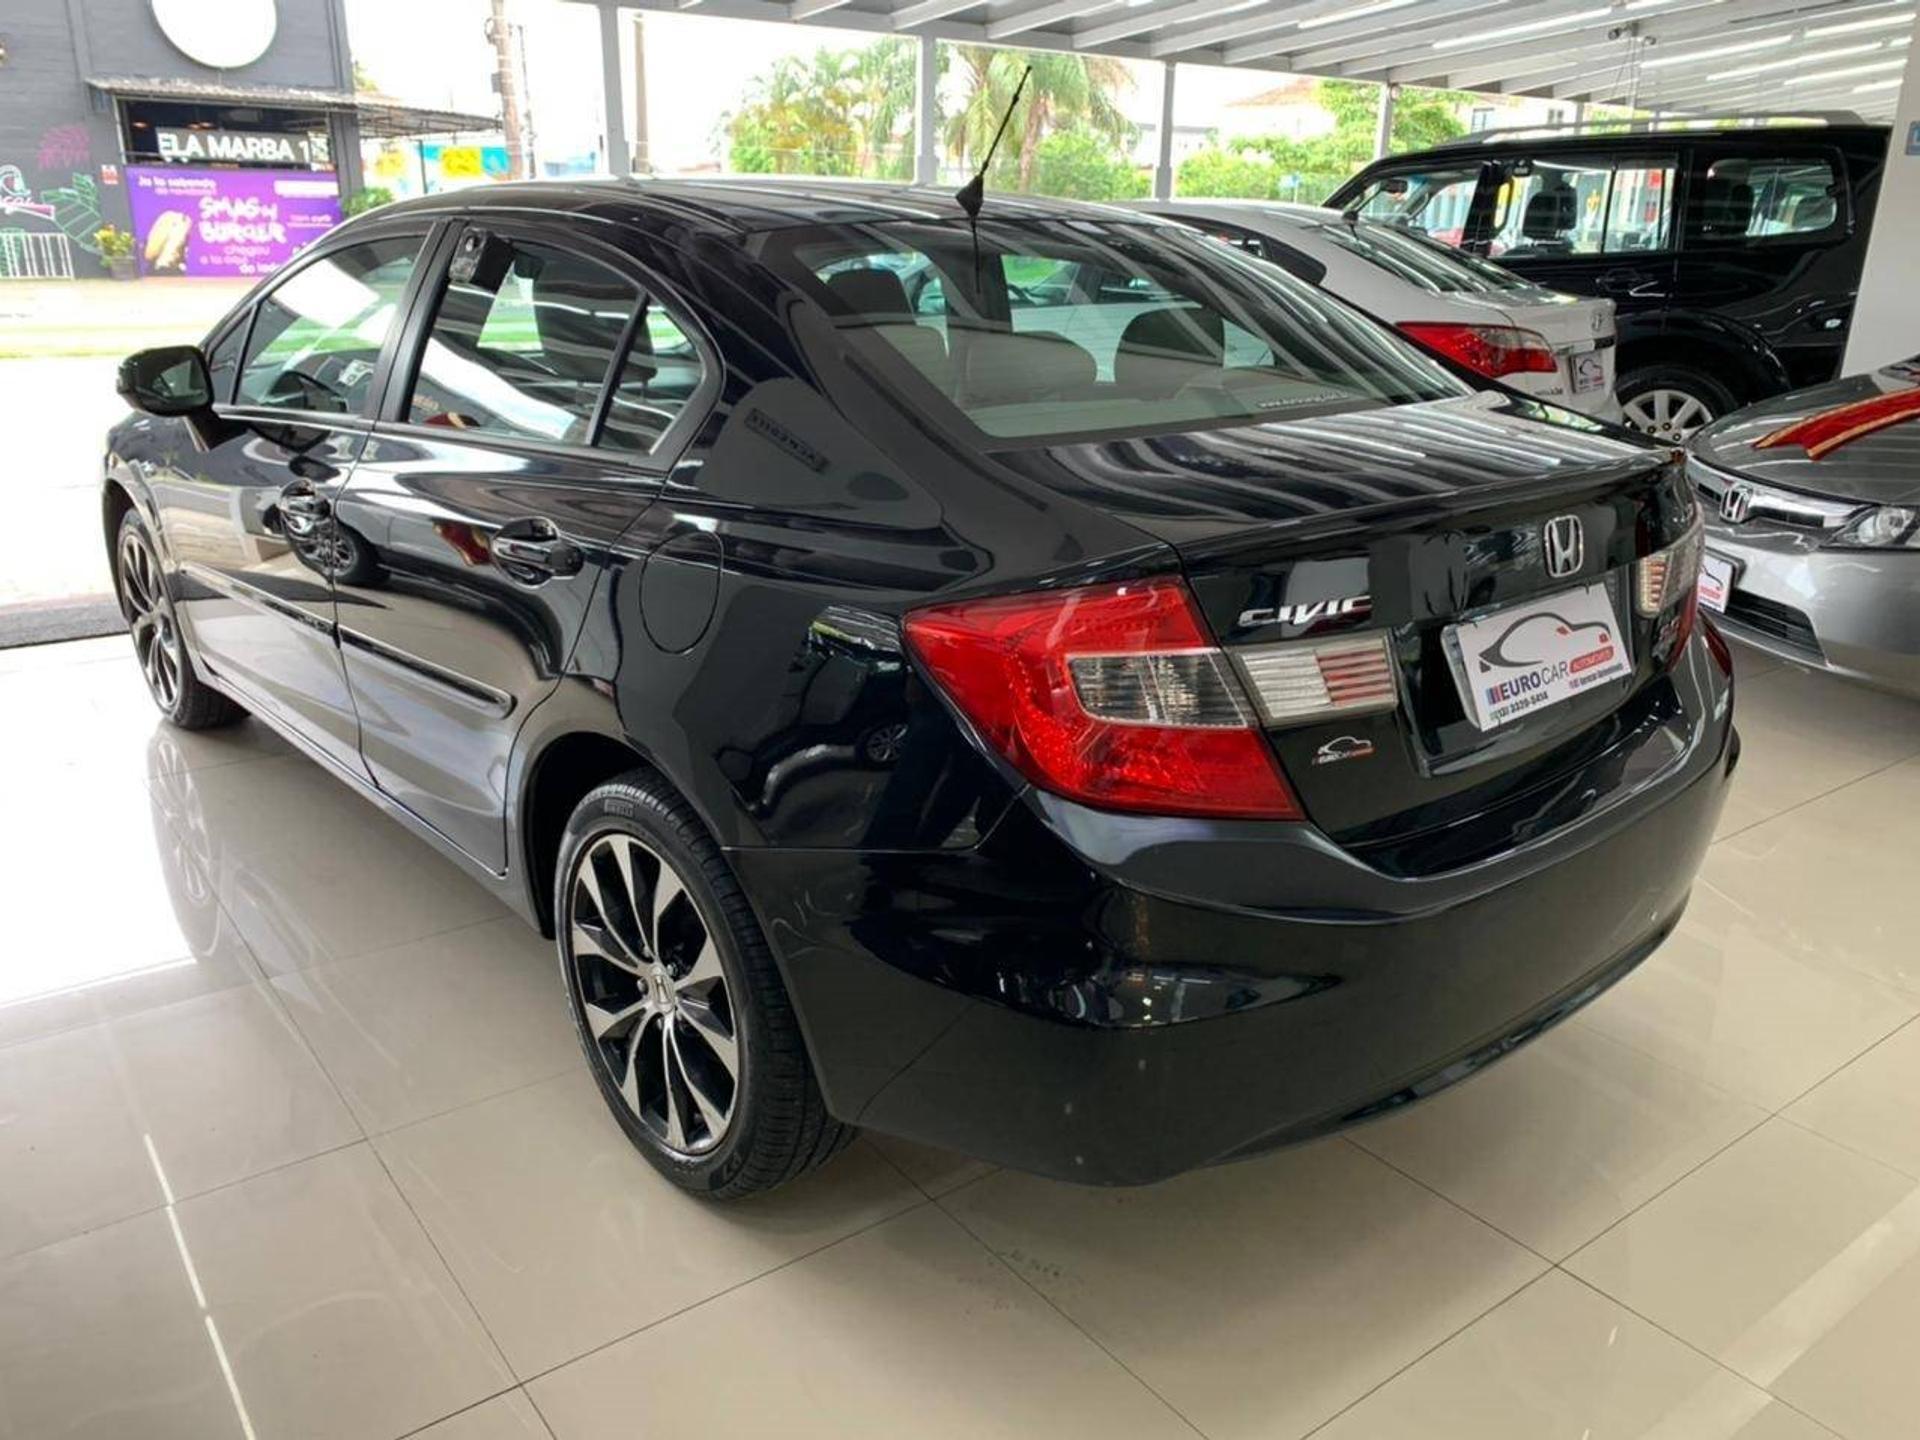 Honda Civic 2.0 Lxr 16v Flex 4p Automatico Wmimagem11321588758